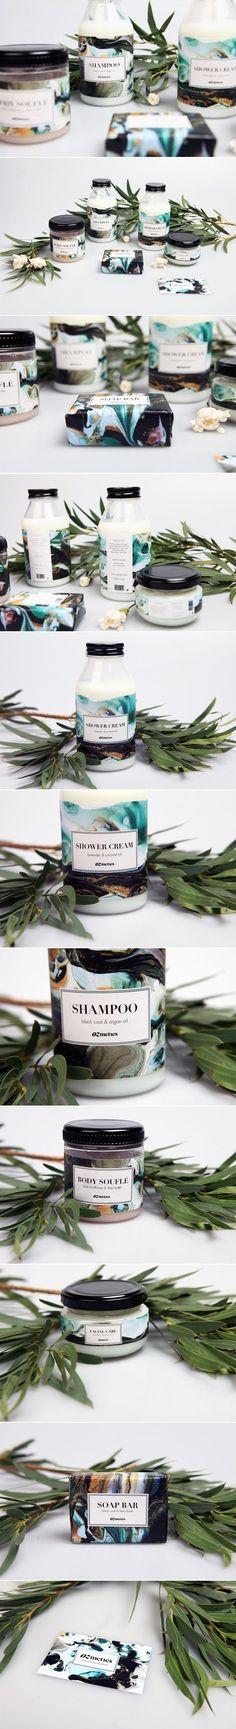 Packaging design created for a natural beauty brand Ozmetics, including shampoo, shower cream, body souflé, facial cream and a soap bar.